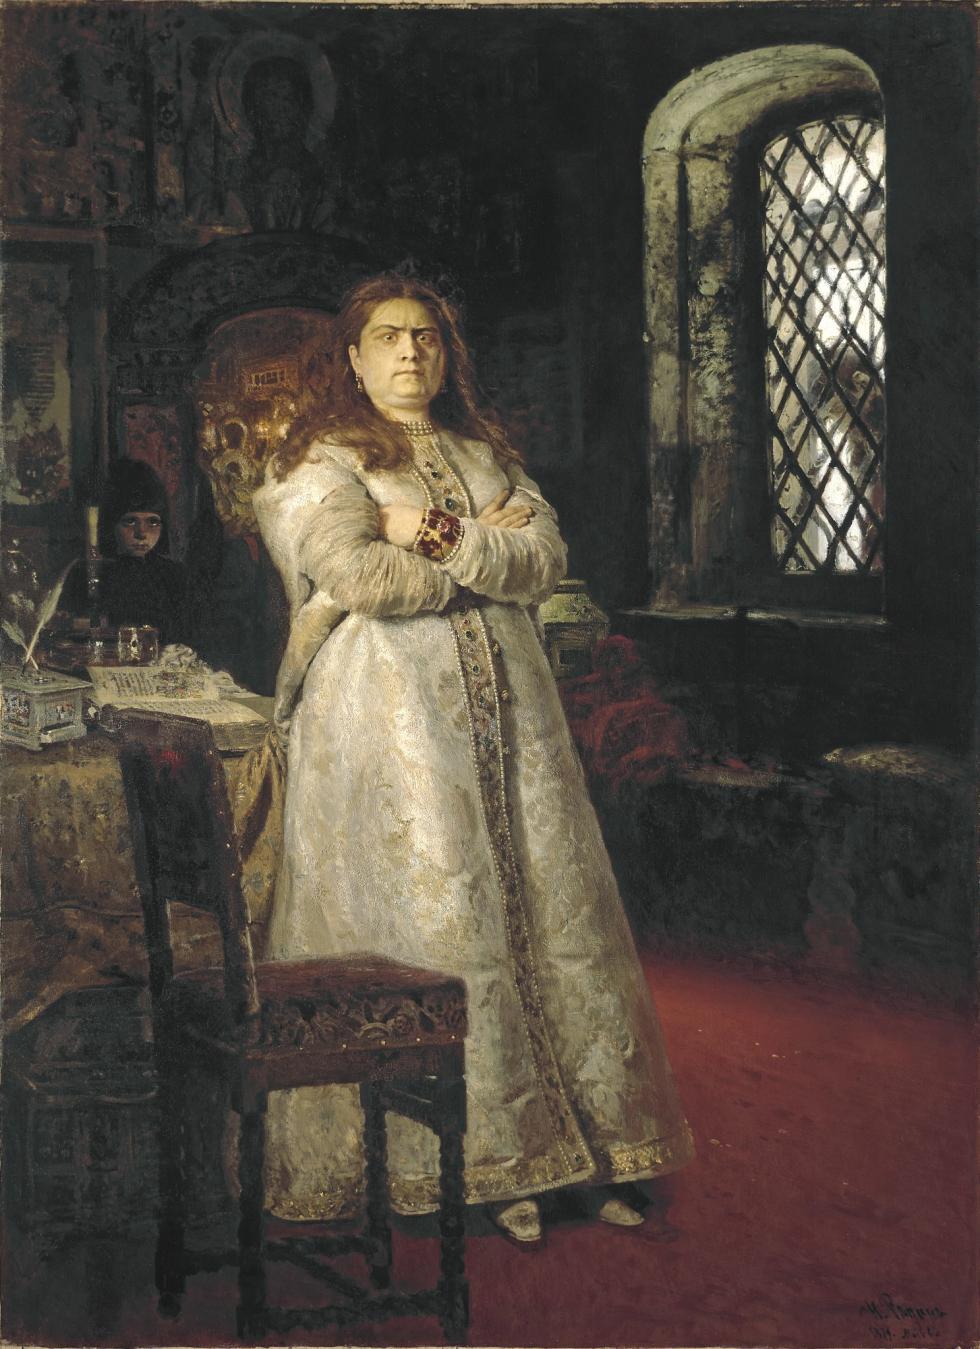 《1698年被囚禁于新处女修道院中的索菲亚公主》(窗外可见被绞杀的射击军),1879年。画面上被关在修道院小屋中的索菲娅公主,尚未接受将要在修道院中度过余生的命运,仍具有咄咄逼人的威严气势。画家:伊利亚·列宾(Ilya Repin)。图片来源:特列季亚科夫画廊